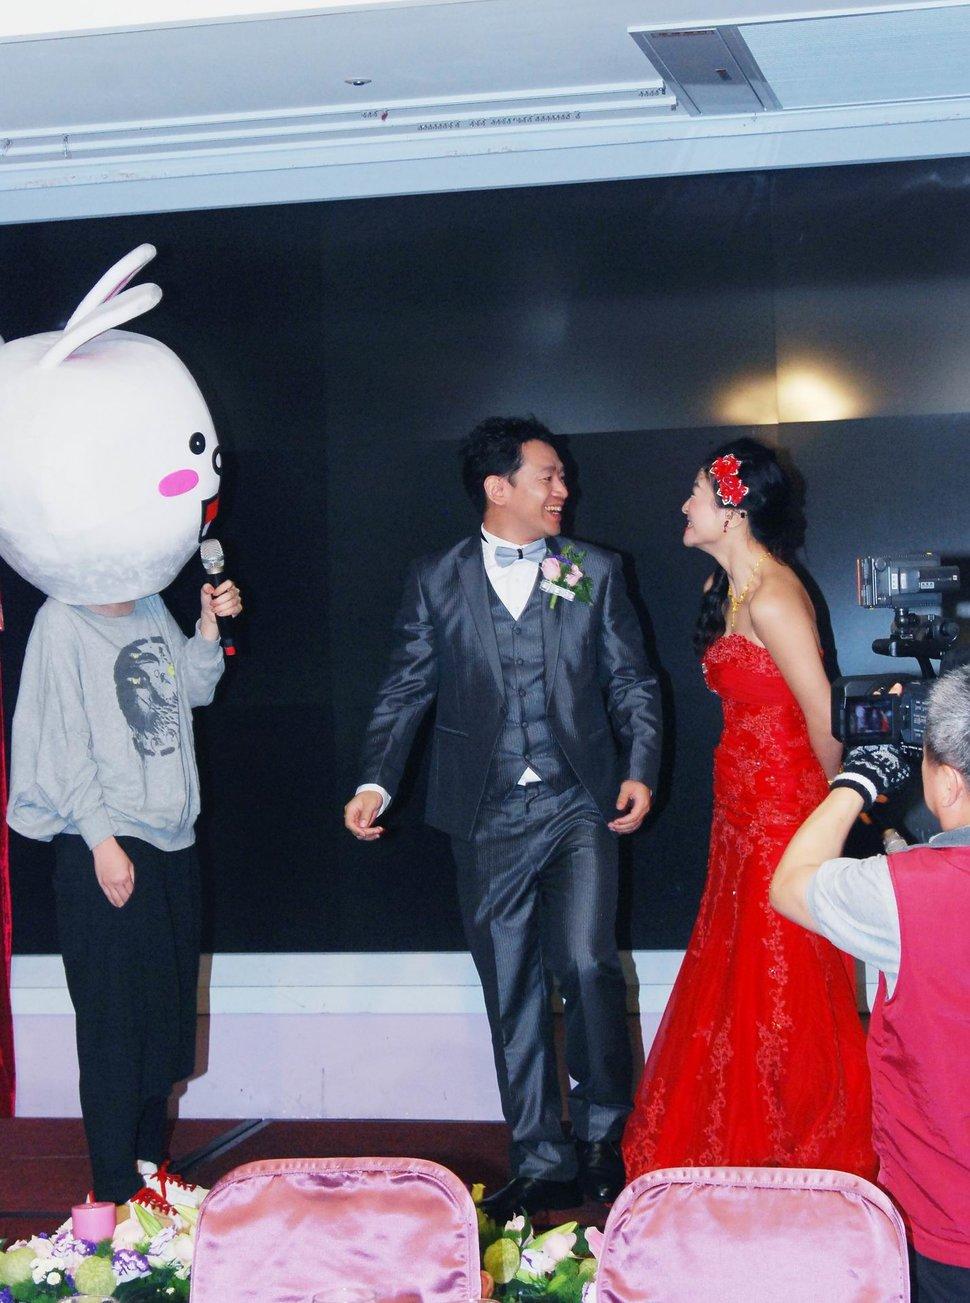 婚禮記錄汐止那米哥餐廳婚宴會館餐廳婚攝j婚錄結婚迎娶婚禮記錄動態微電影錄影專業錄影平面攝影婚禮紀錄婚攝婚錄主持人(編號:305711) - 蜜月拍照10800錄影12800攝影團隊 - 結婚吧